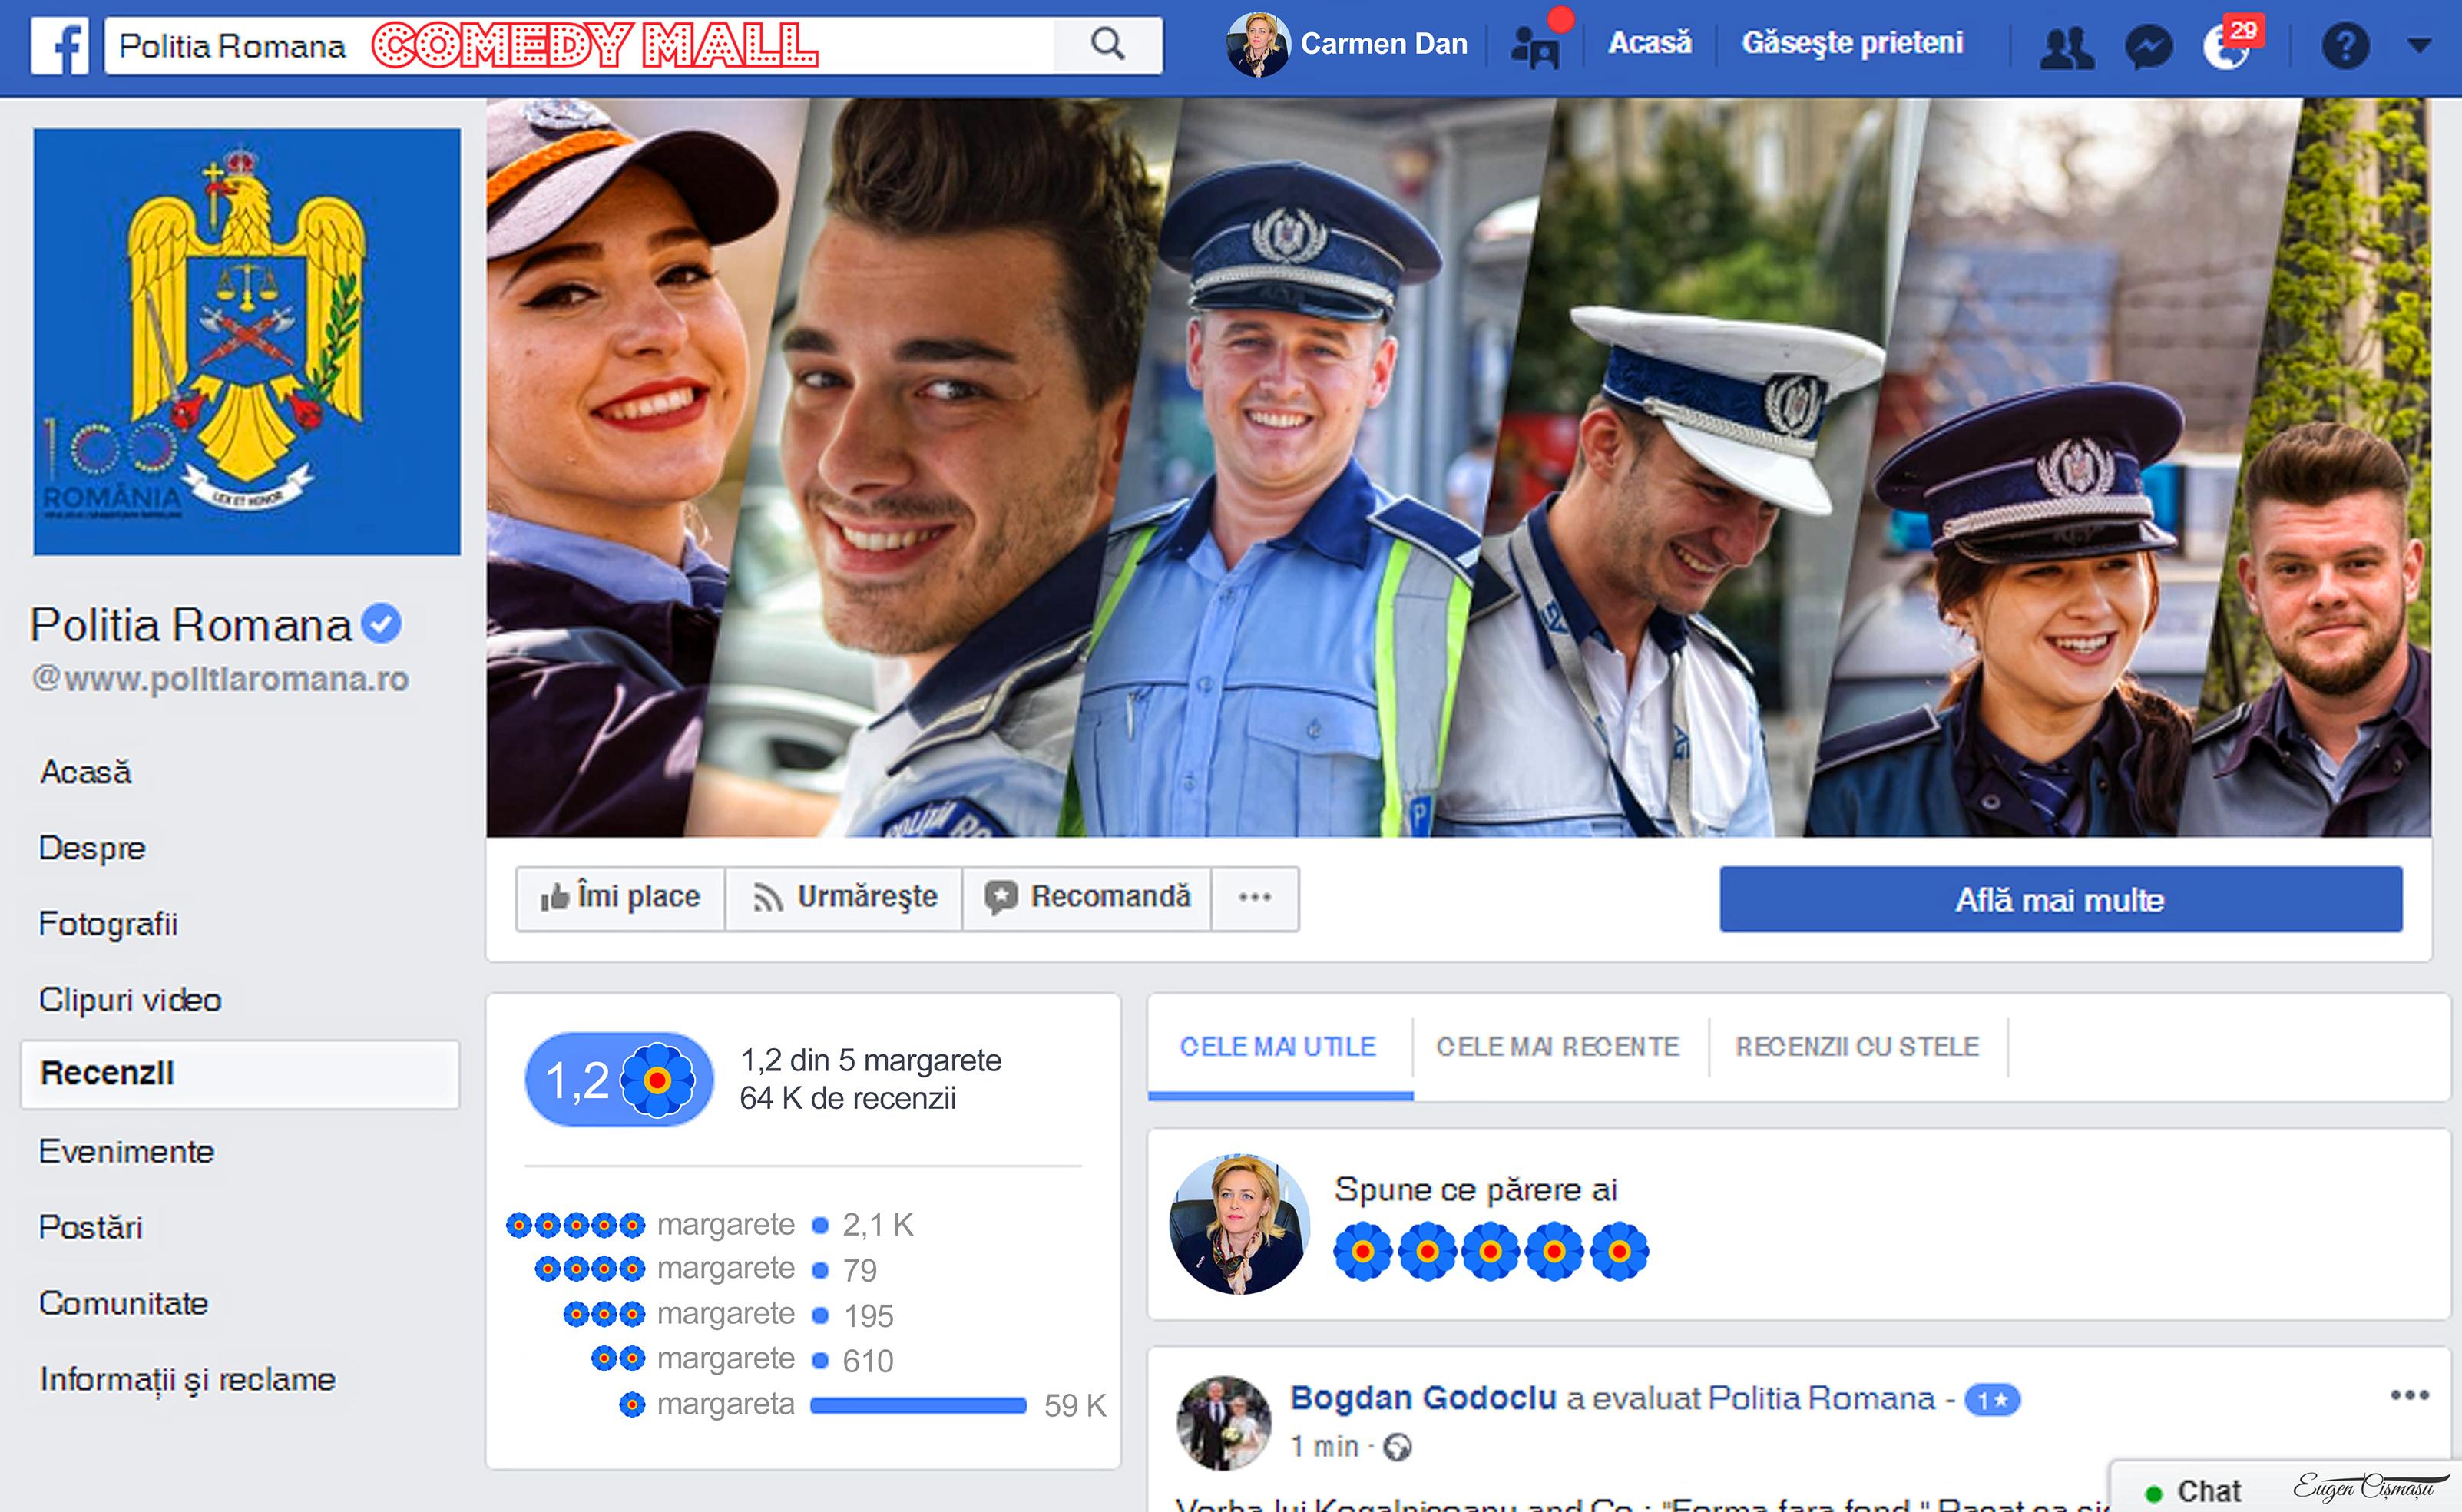 După prăbuşirea de pe Facebook, ratingul Poliţiei Române nu se va mai măsura în stele ci în margarete!